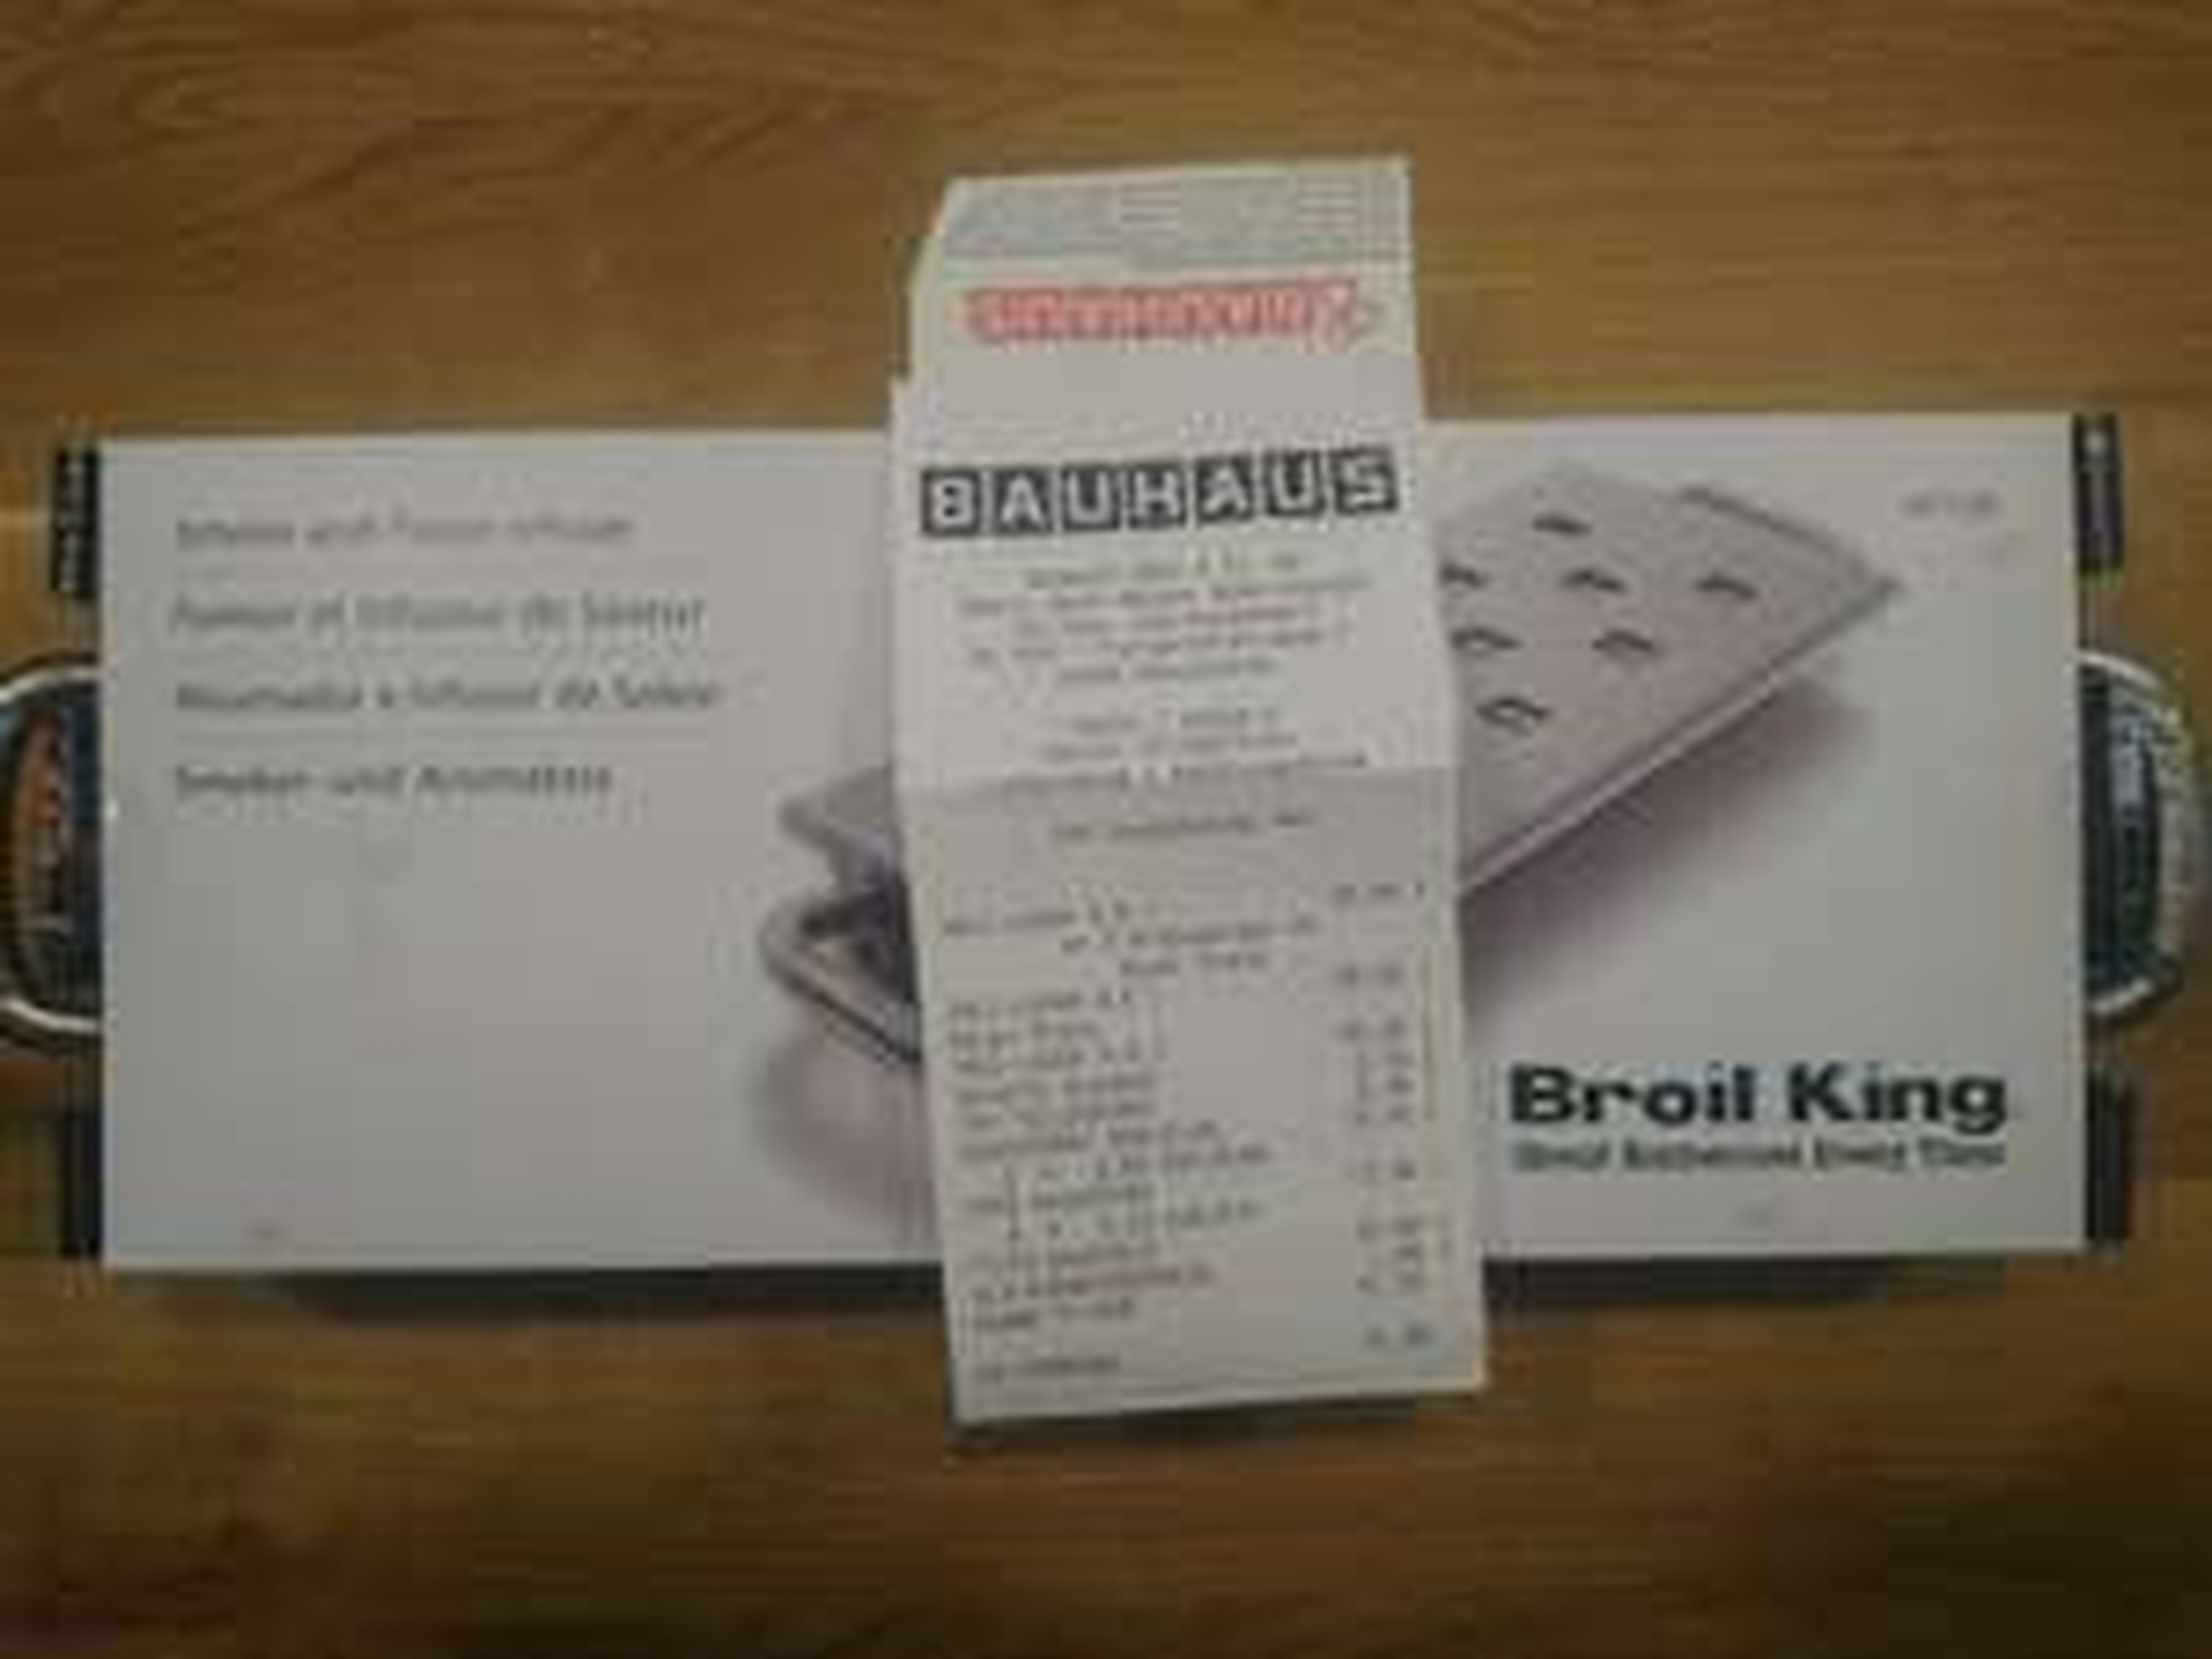 Broil King Smokerbox Premium (Bauhaus)